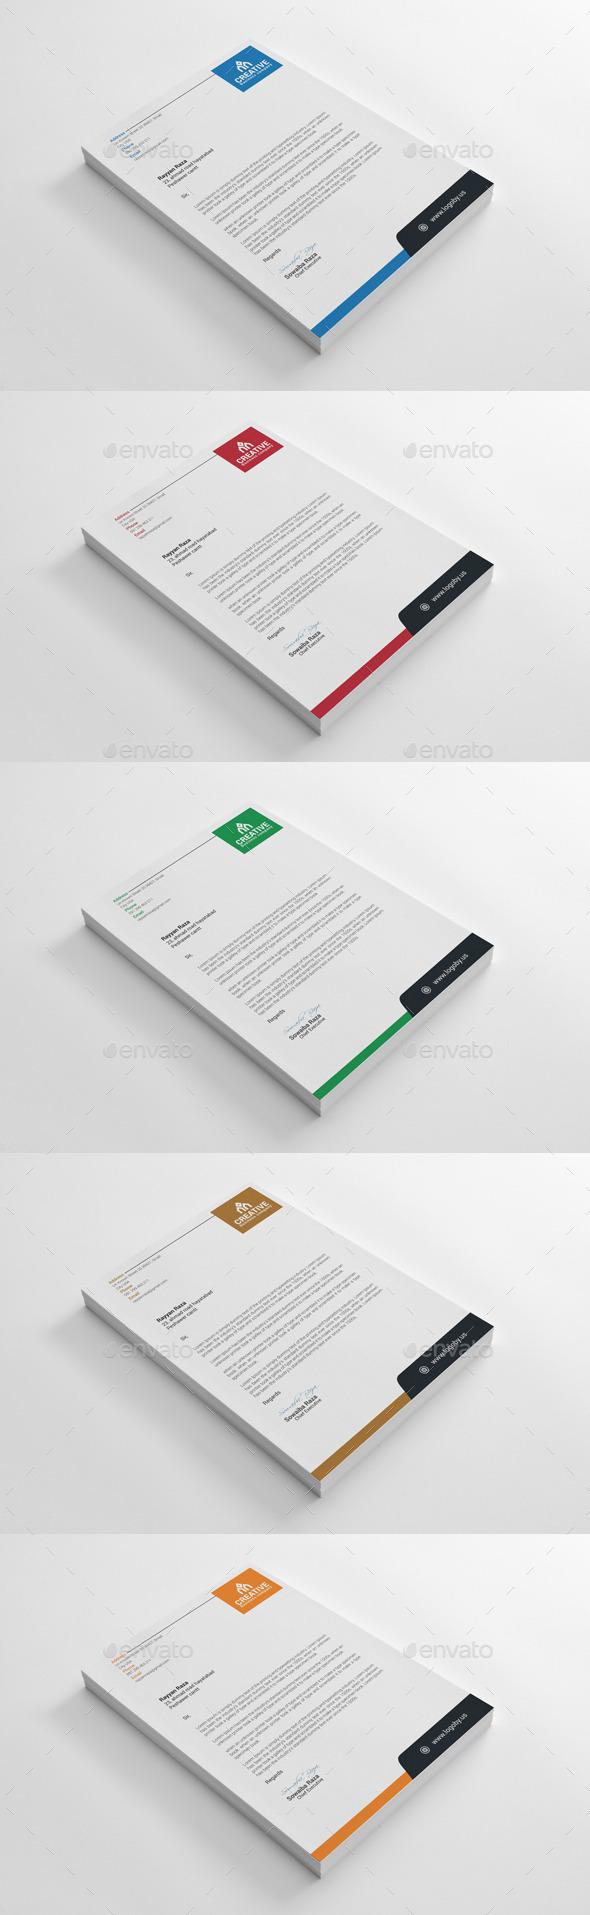 GraphicRiver Letterhead 10052549